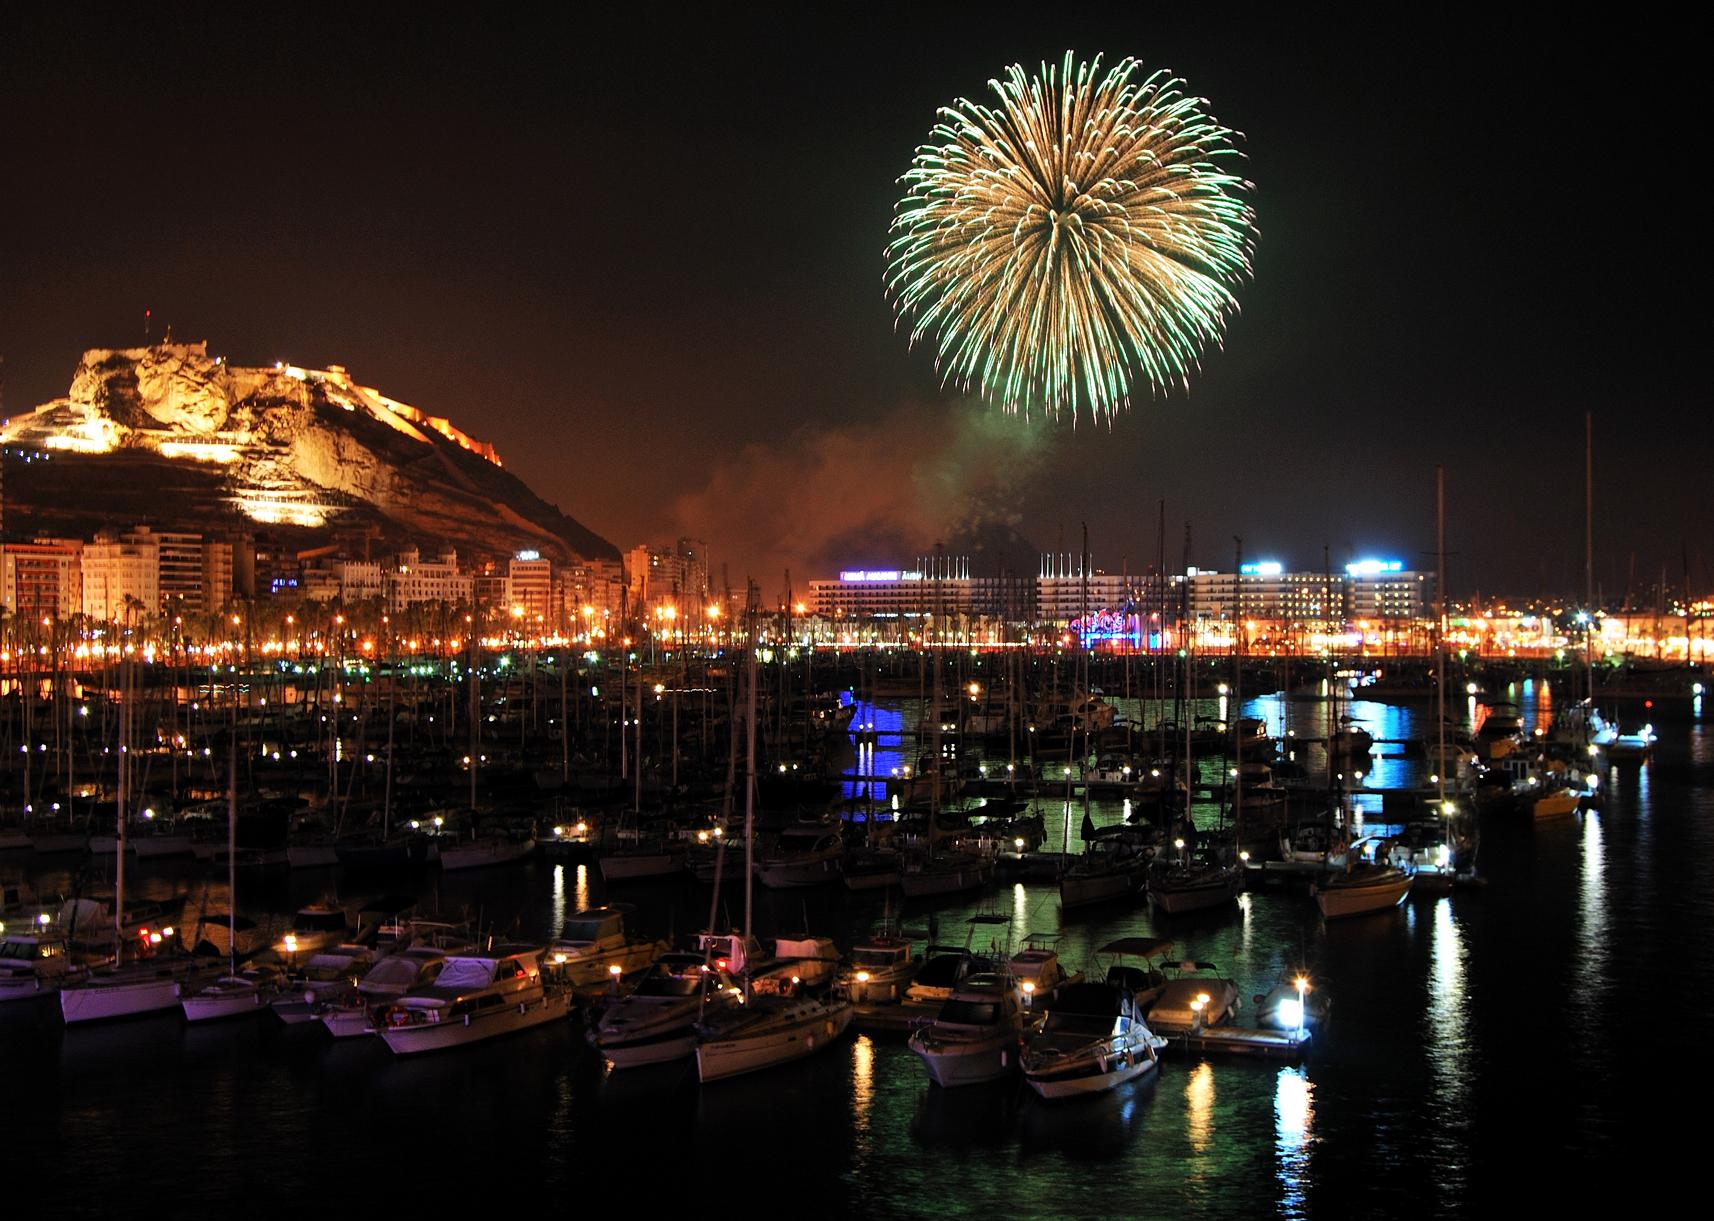 Fireworks Alicante Kasa25 Hogueras San Juan Fogueres Schedule